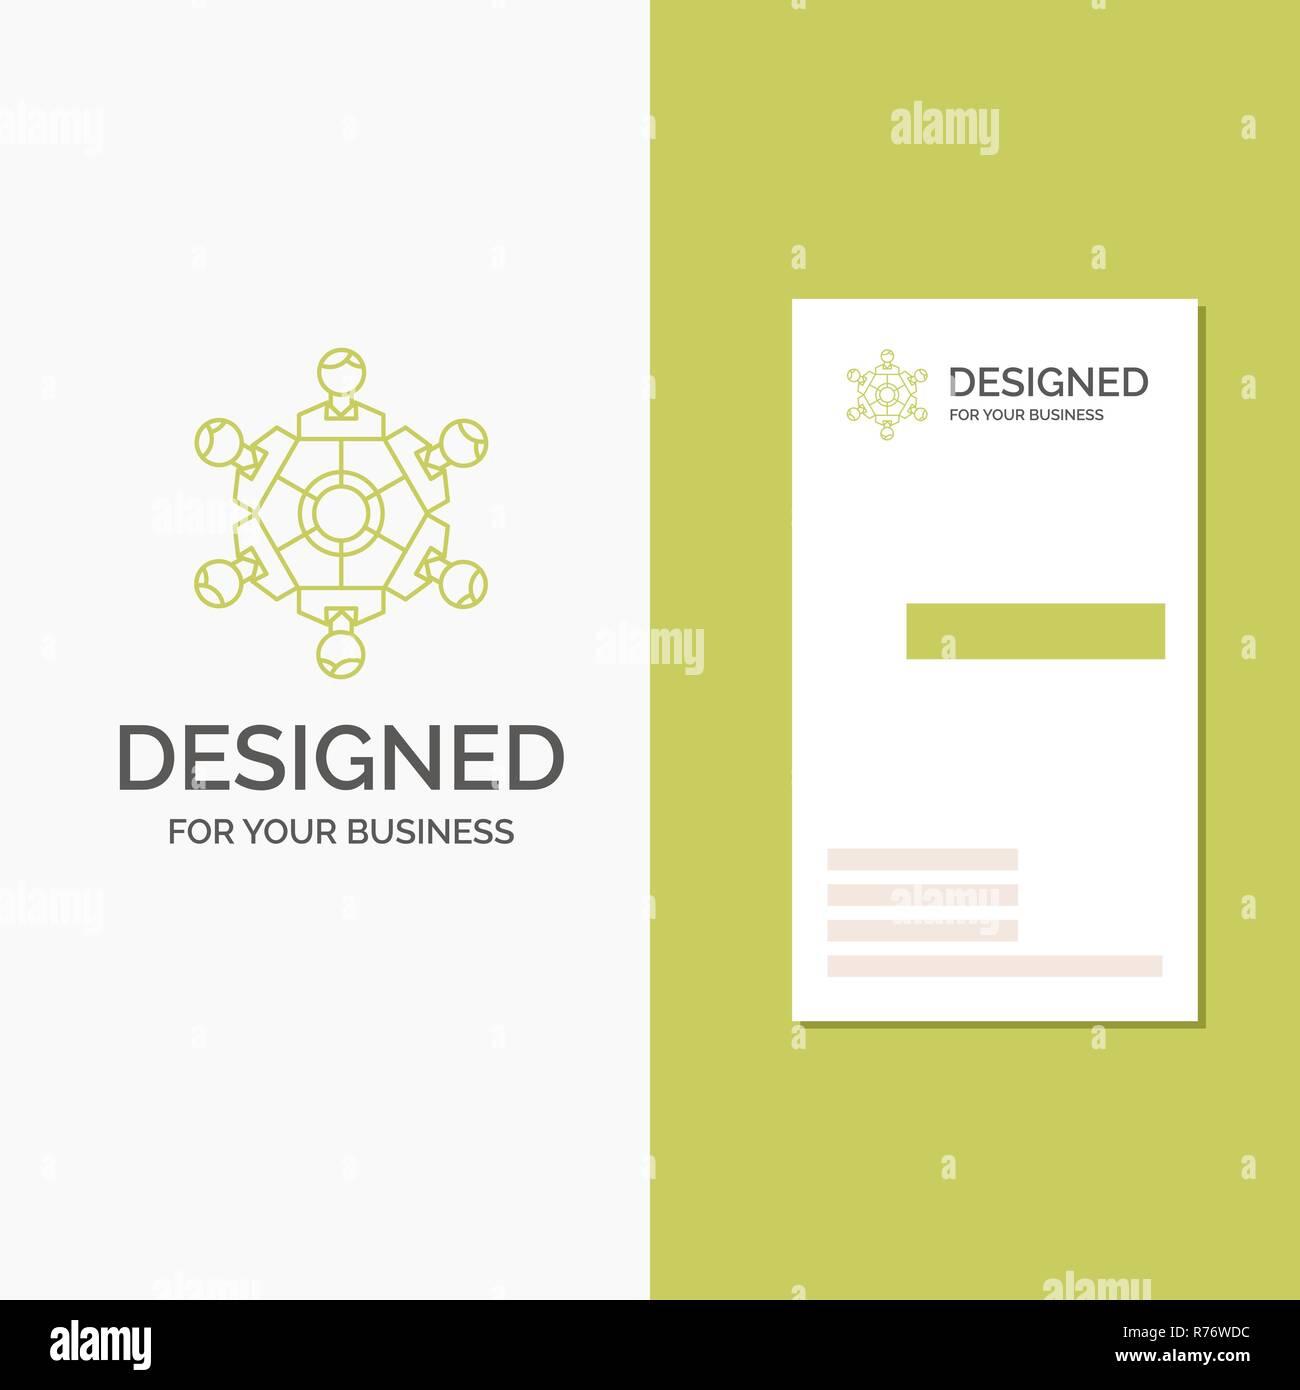 Logo Dentreprise De Cooperation Damis Jeu Jeux Jouer Lentreprise Verte Verticale Modele Carte Visite Vecteur Fond Creatif Illustratio